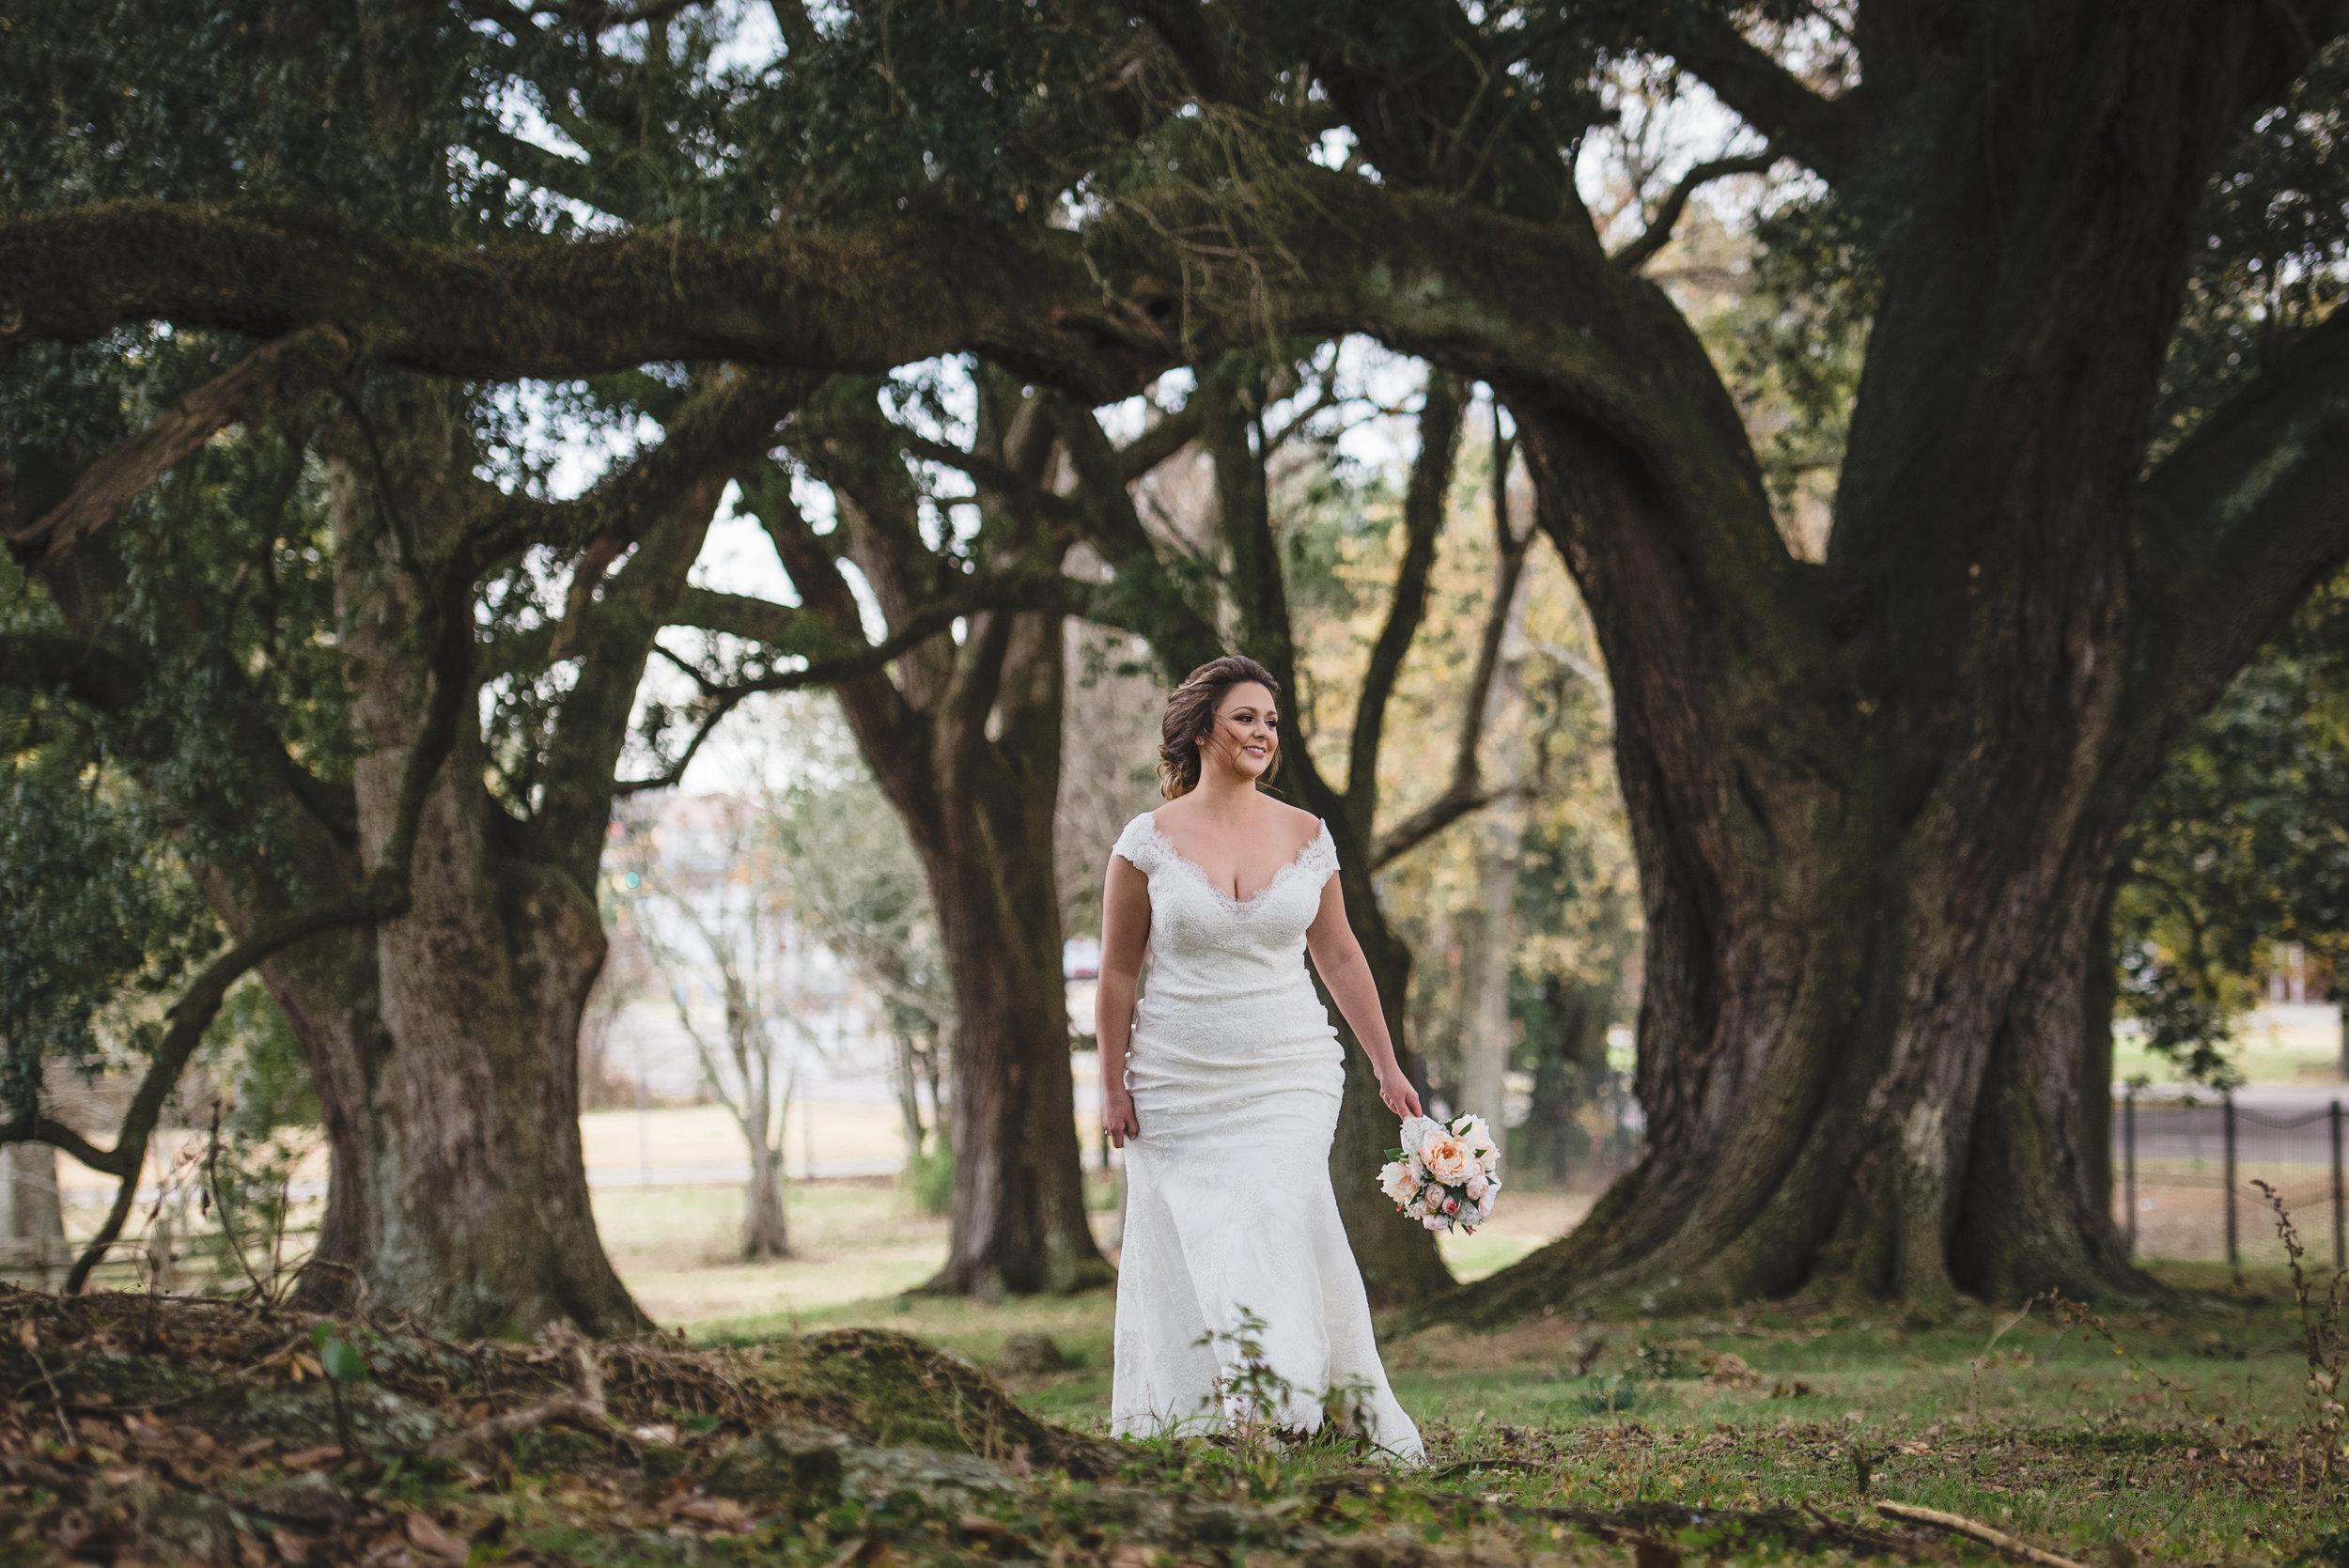 Baton Rouge Bridal Photography-21.jpg